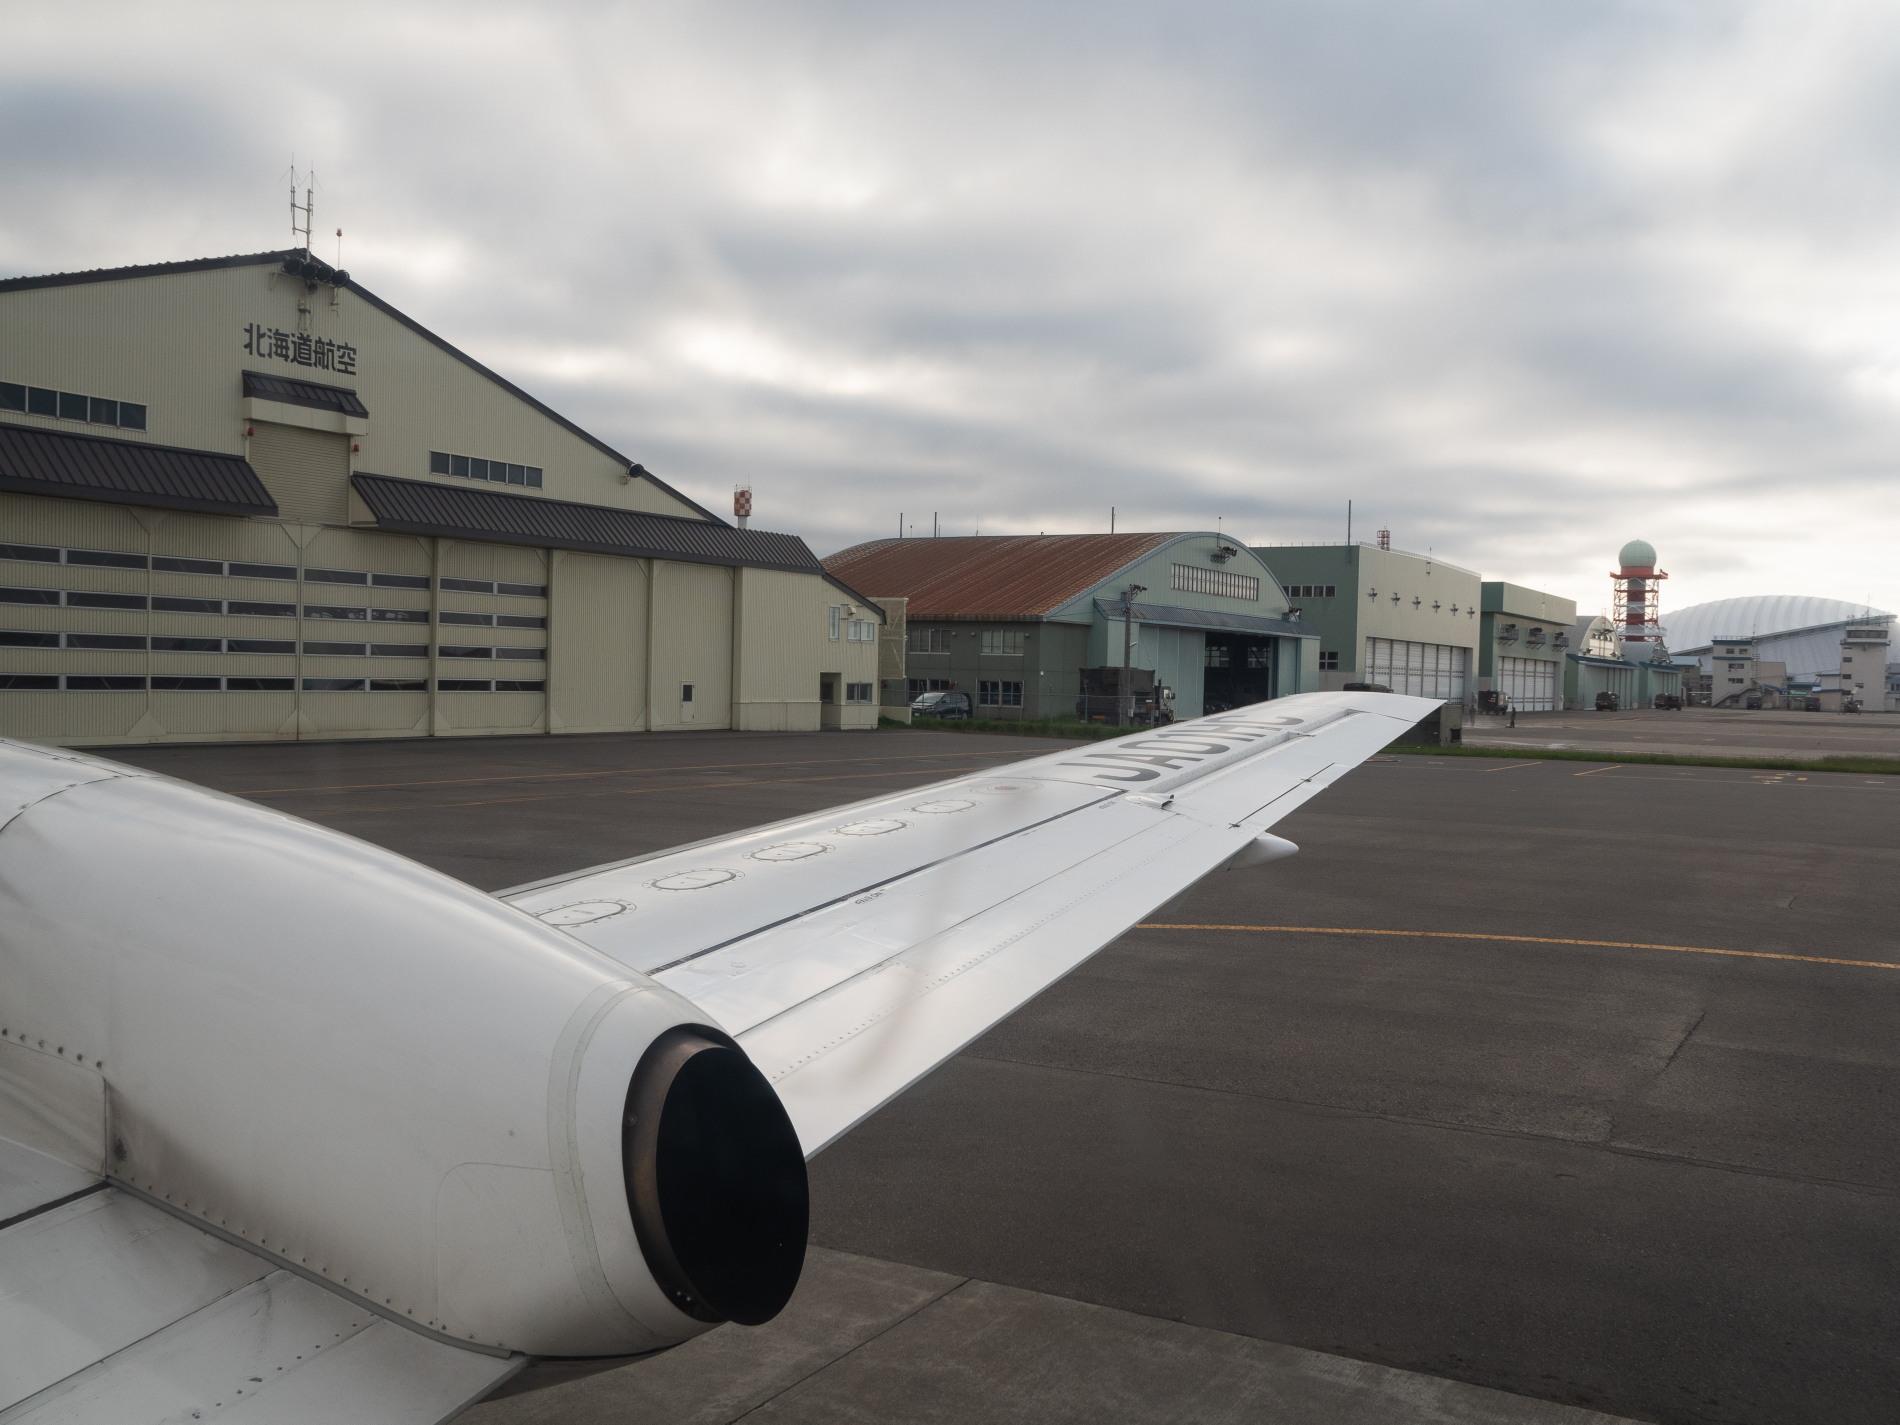 北海道エアシステムの新機材ATR42に乗って・・函館へ(3)_f0276498_22071525.jpg